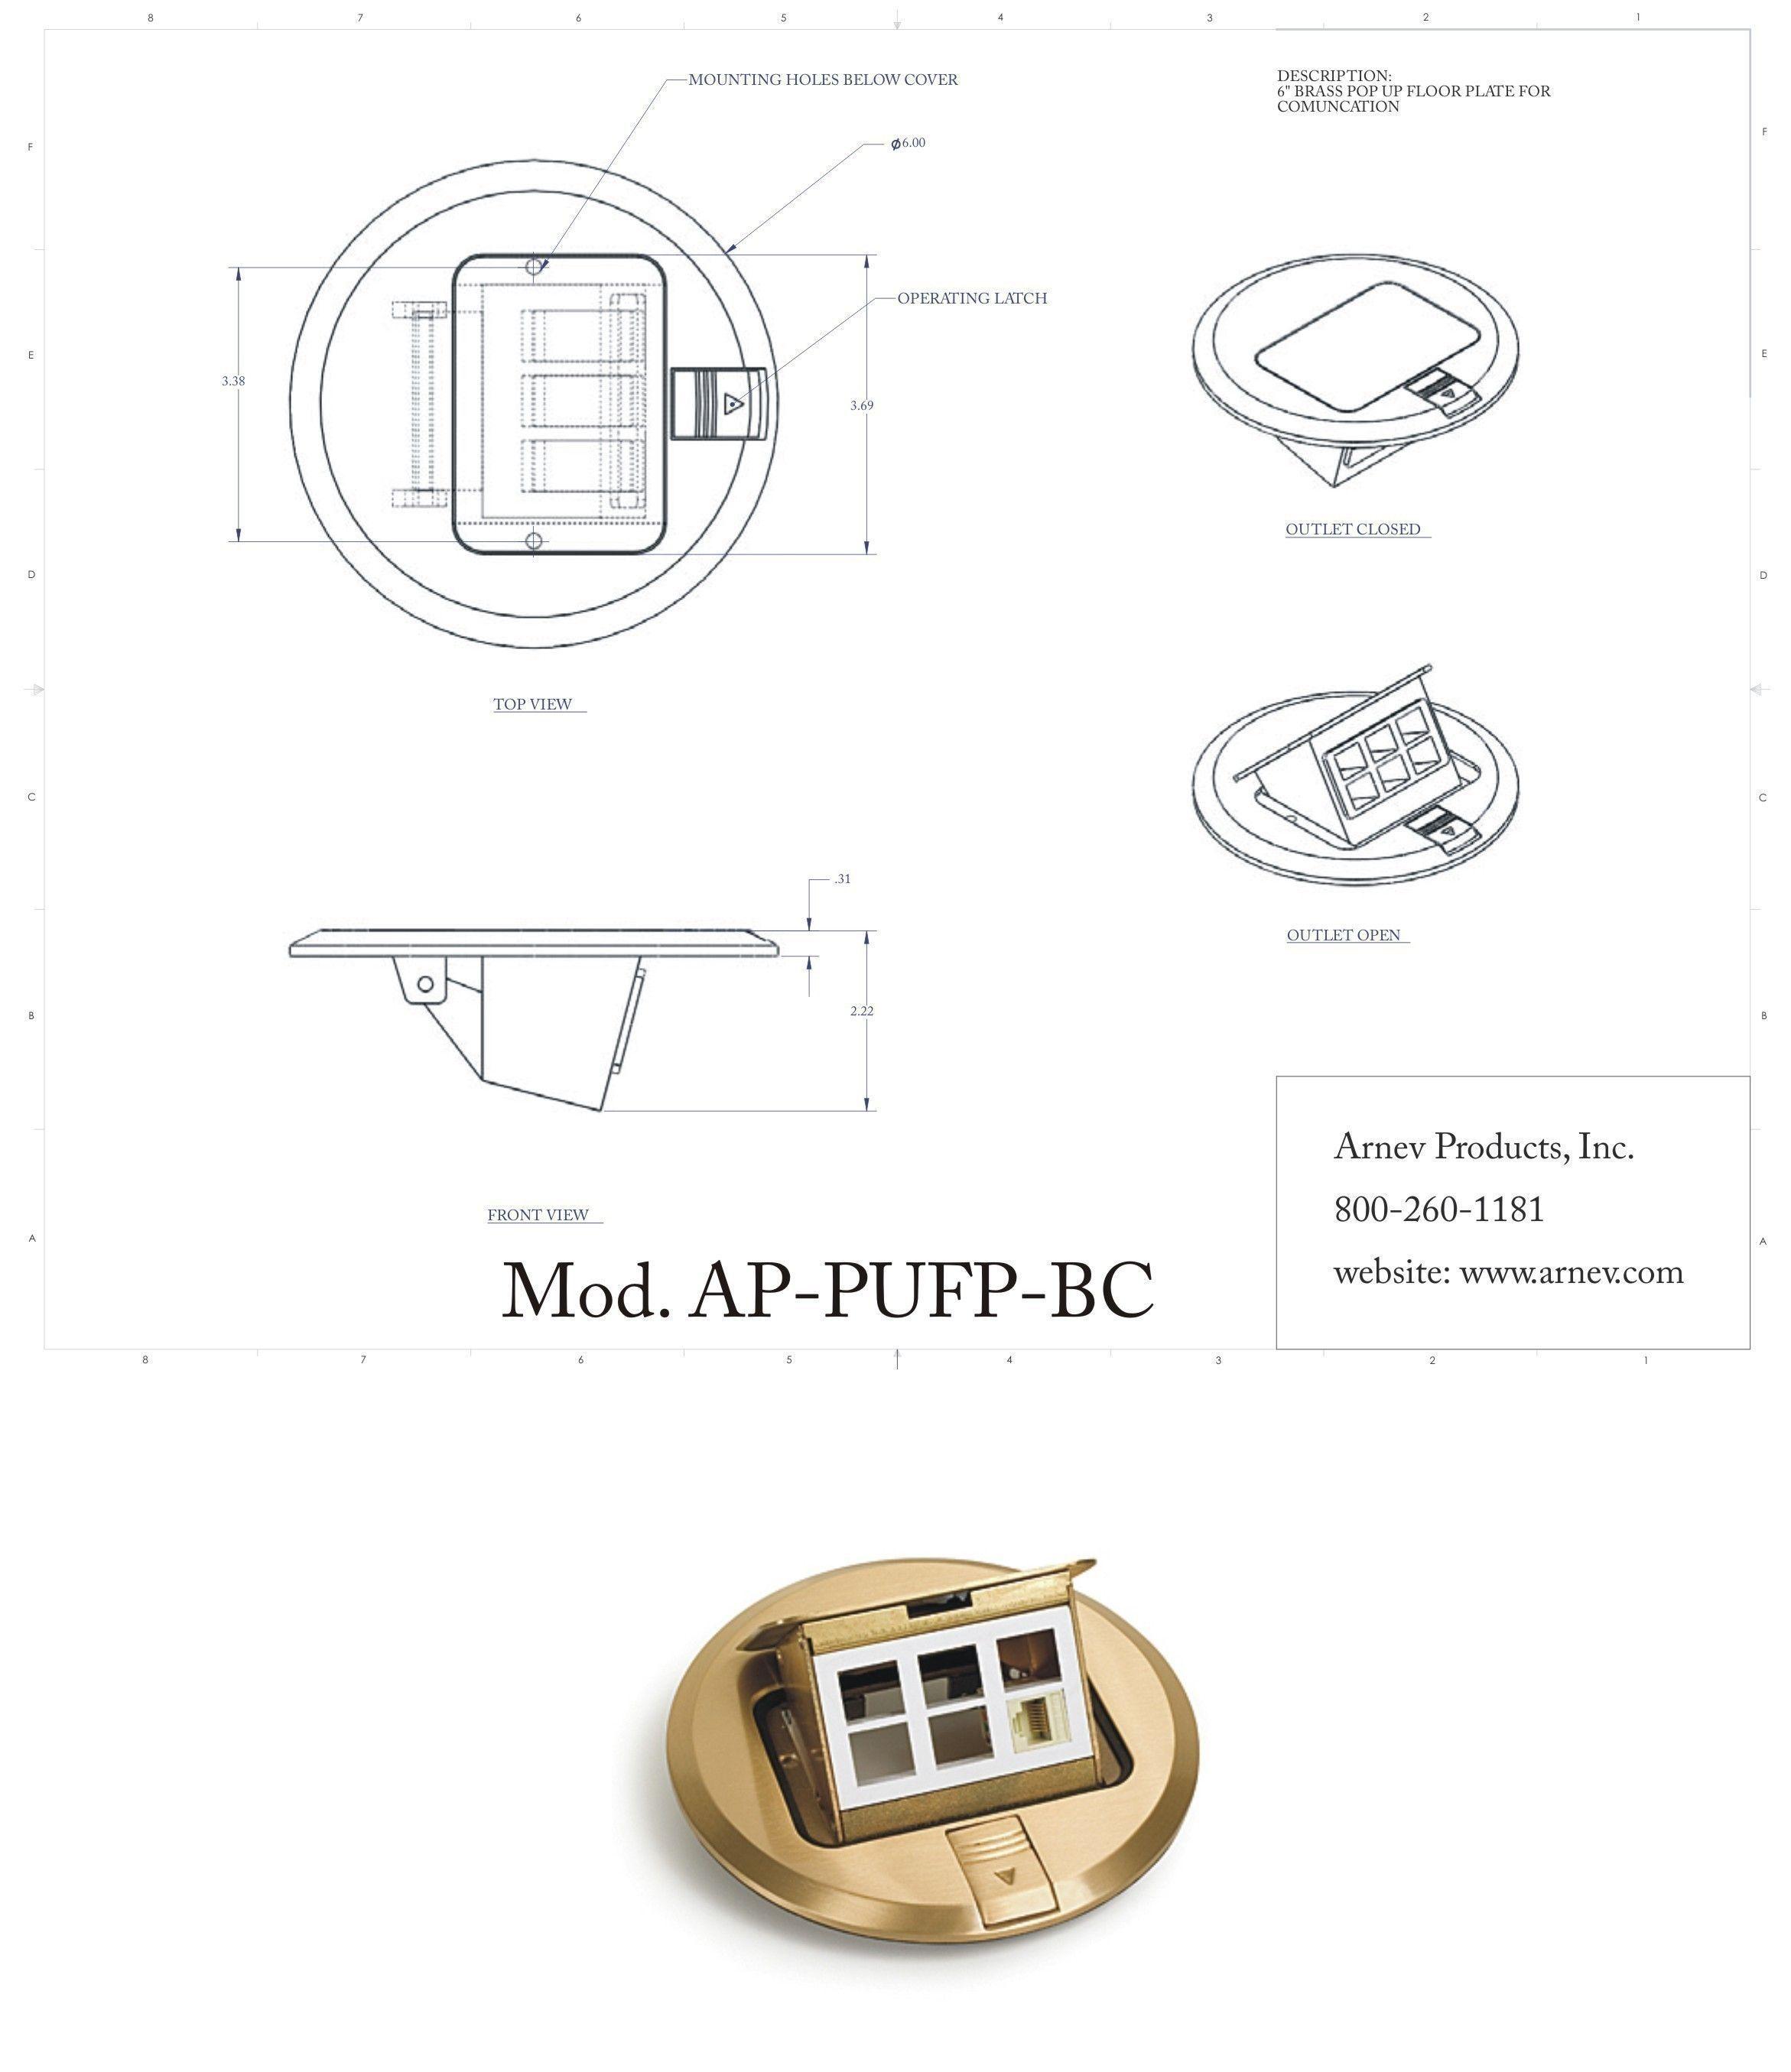 Round Floor Box Cover